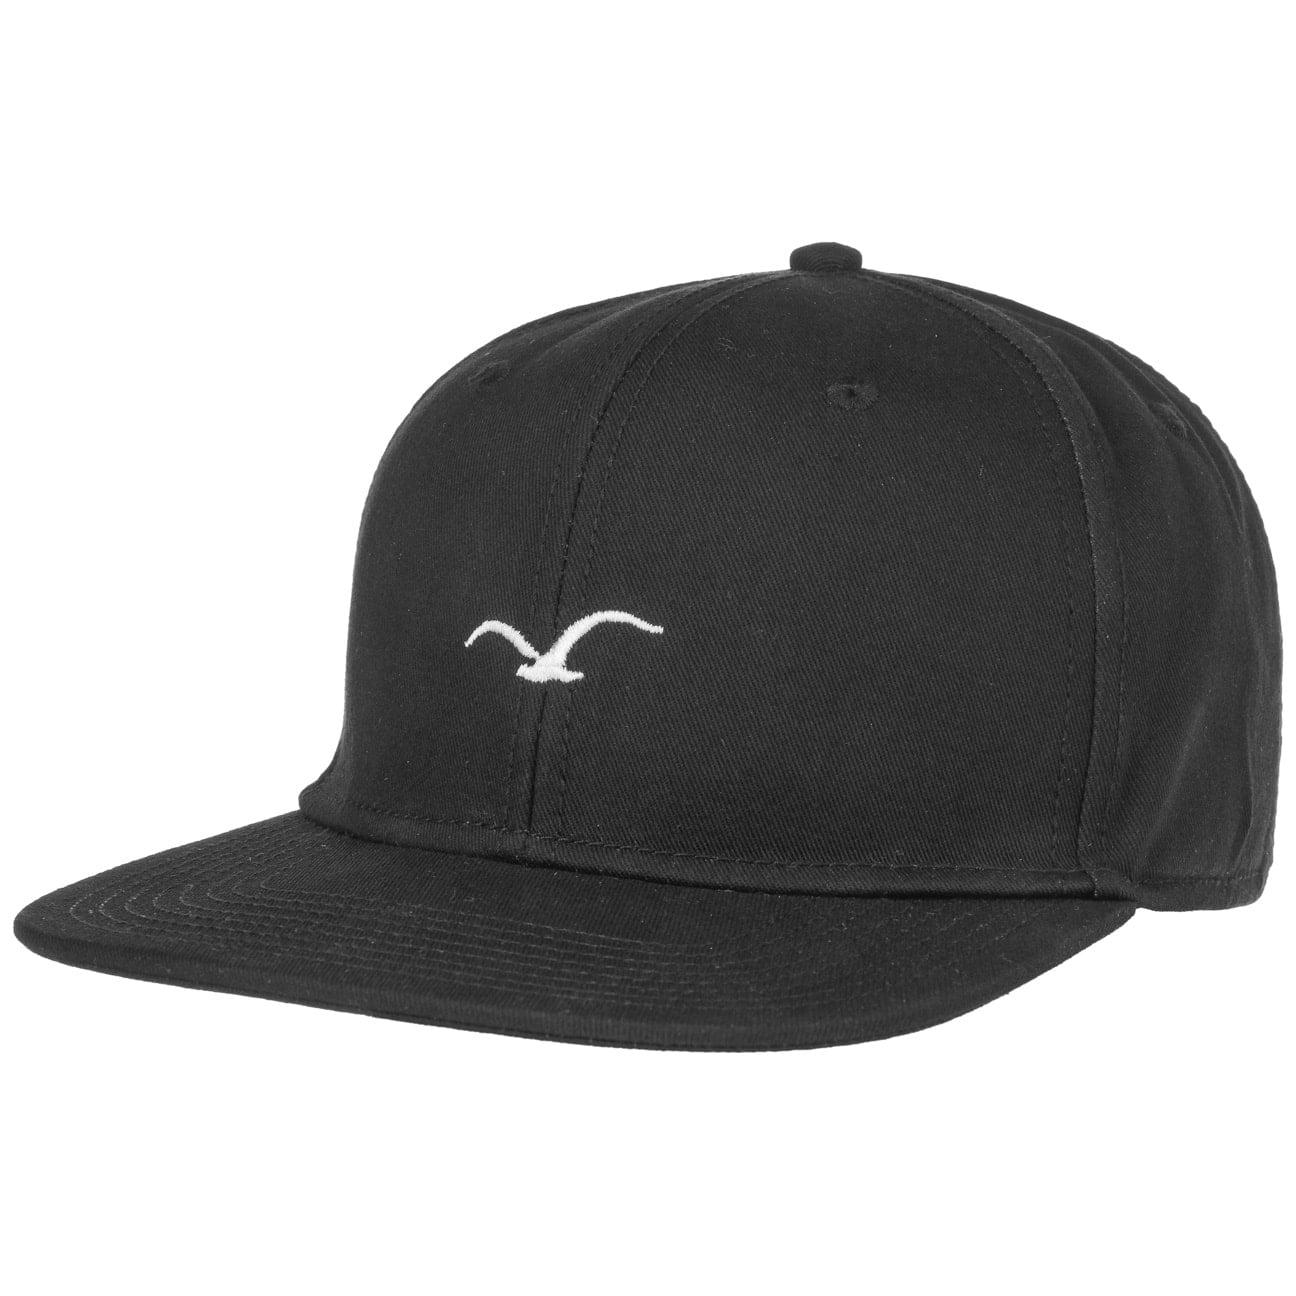 Gorra Mini Gull Flying by Cleptomanicx  gorra de baseball